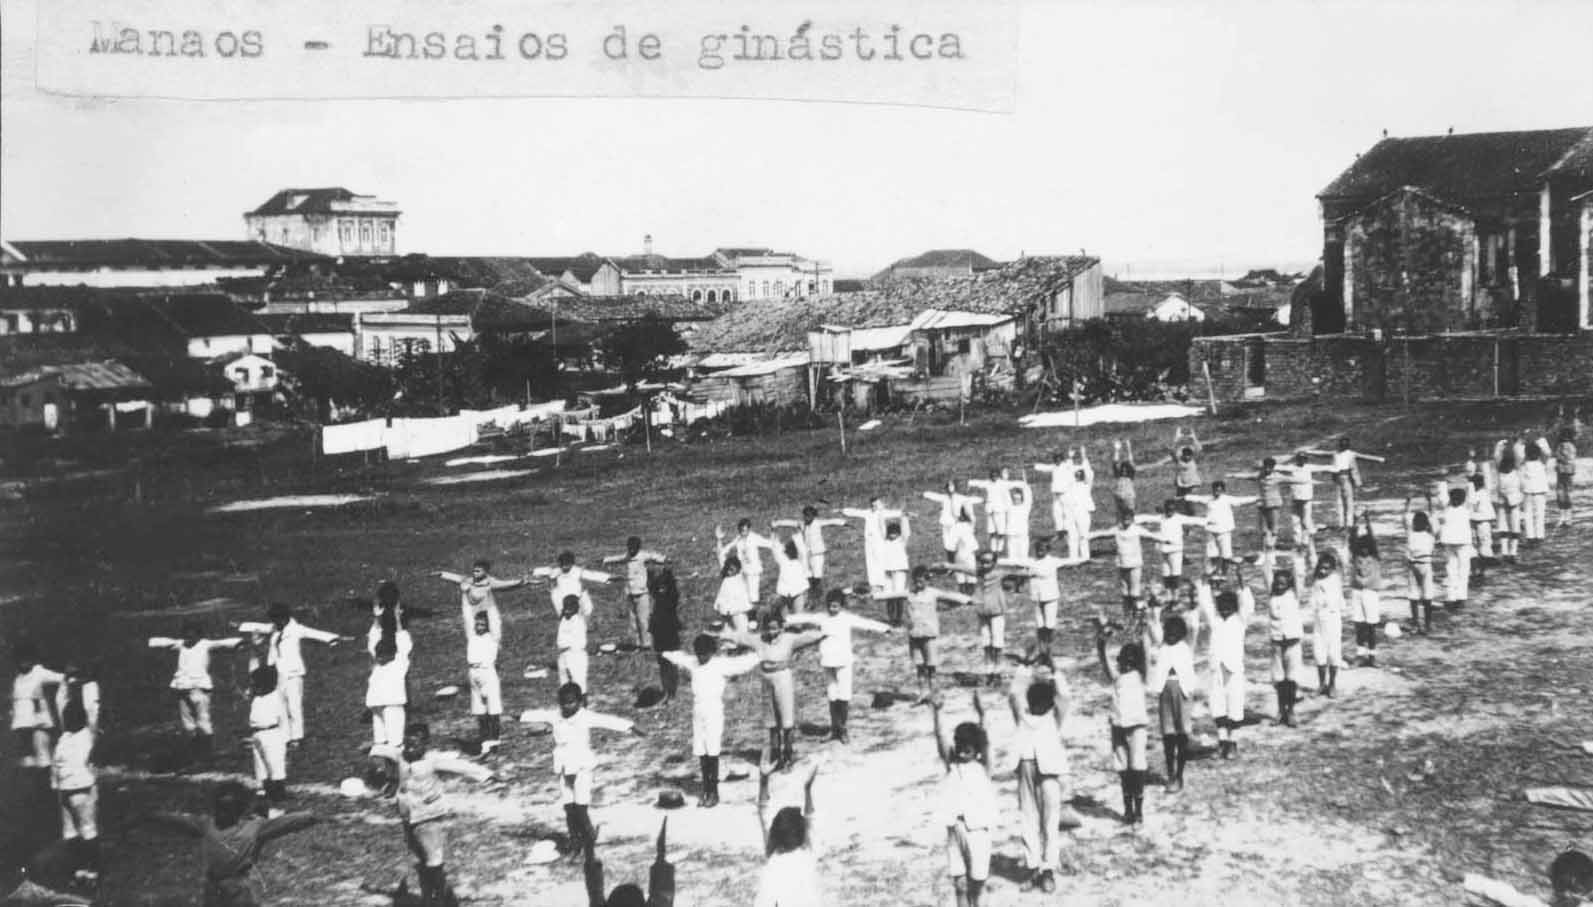 Aula de ginástica do Dom Bosco - Instituto Durango Duarte